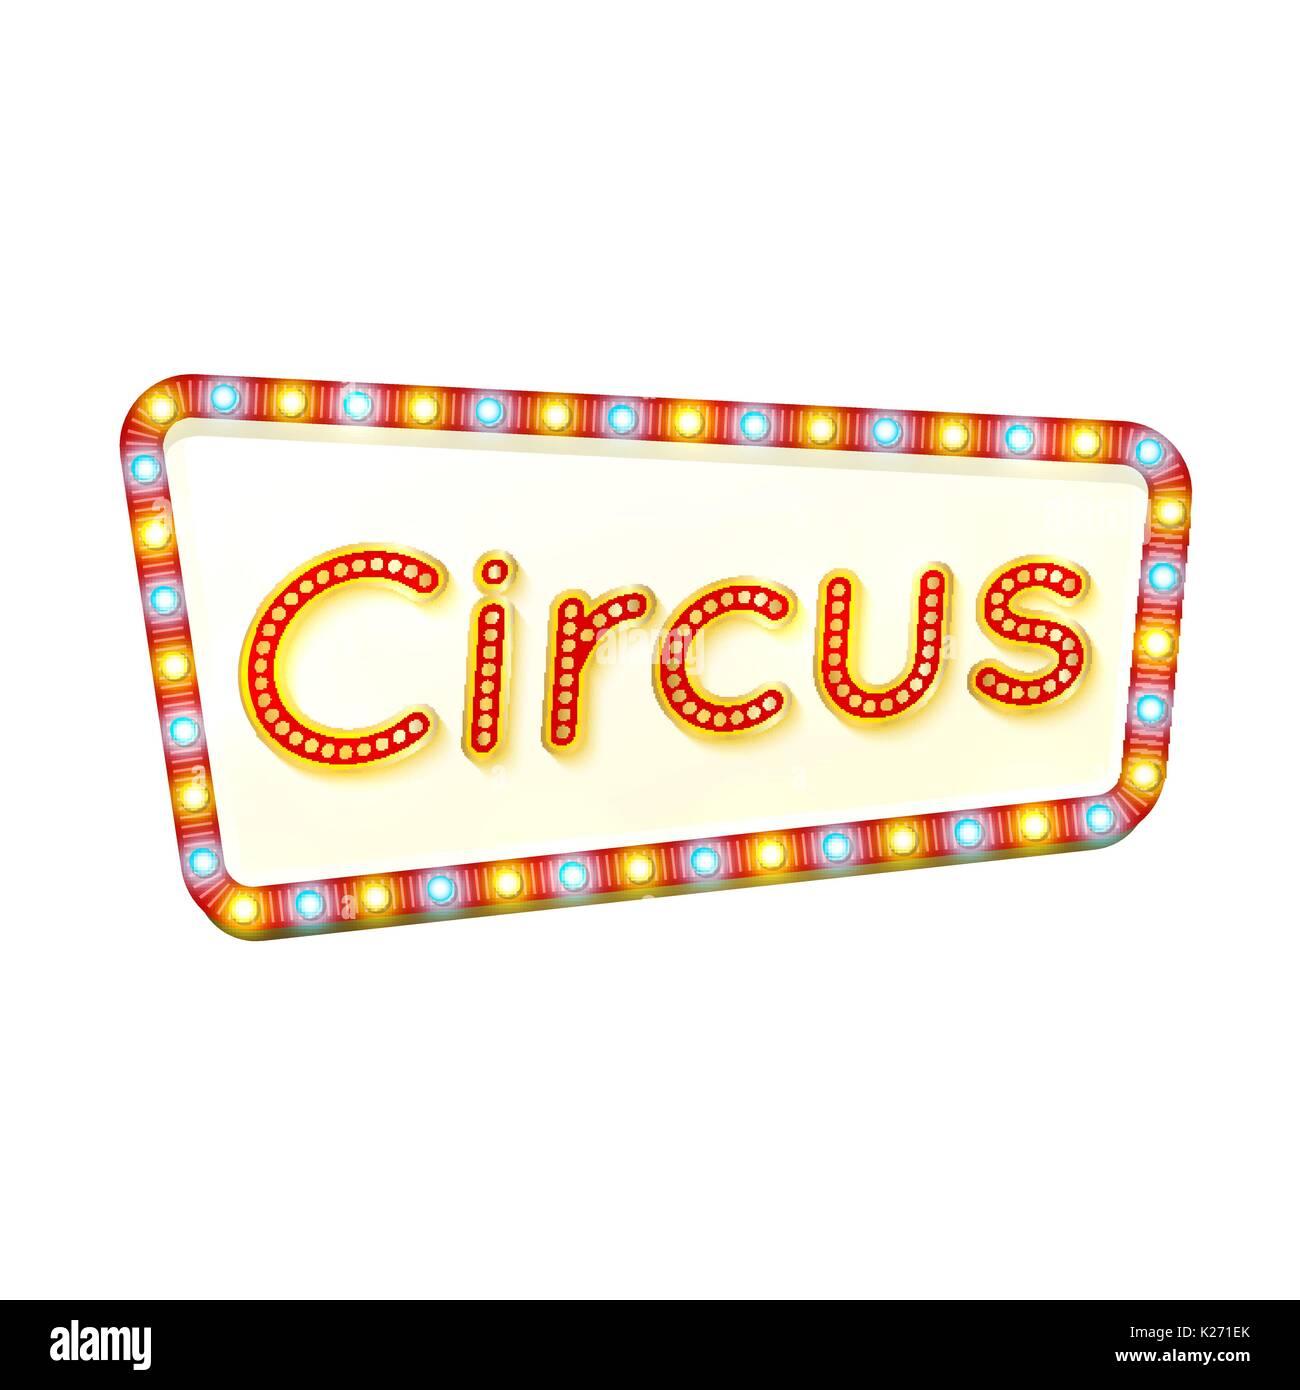 Zirkus retro-Rahmen. Werbung leuchtende Zeichen. Rote Straße ...